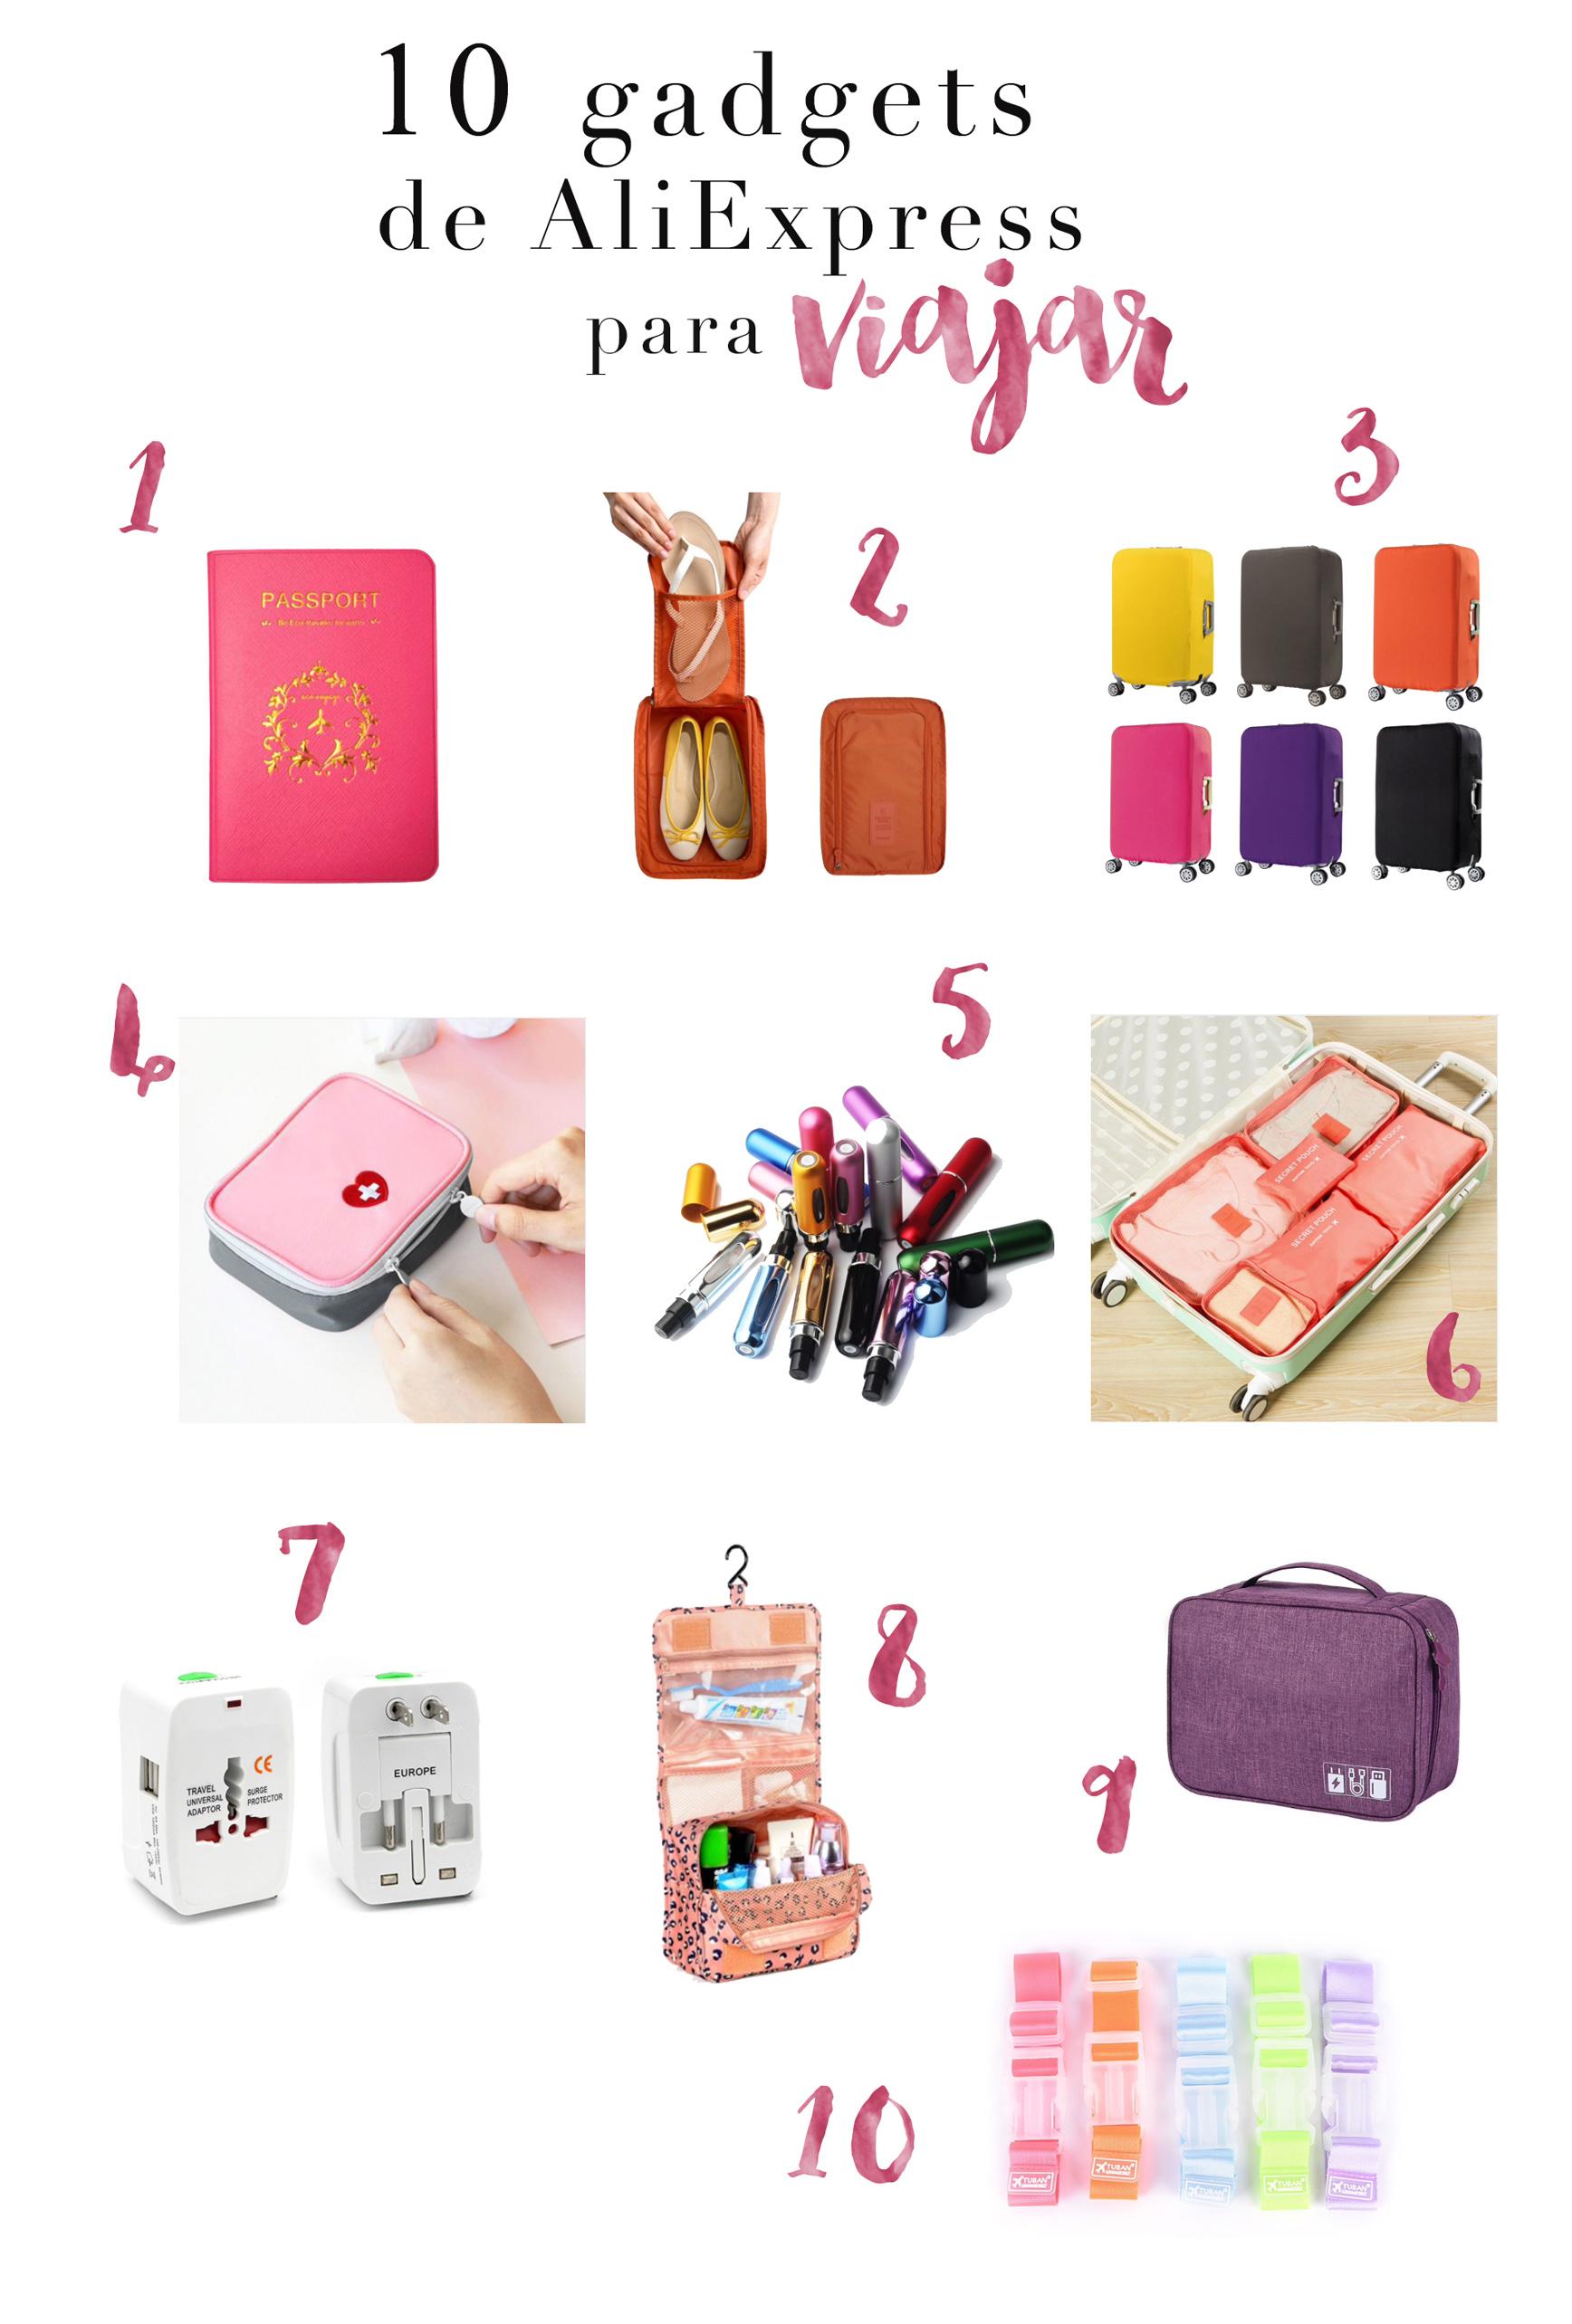 10 Gadgets para viajar (y baratos!) de AliExpress